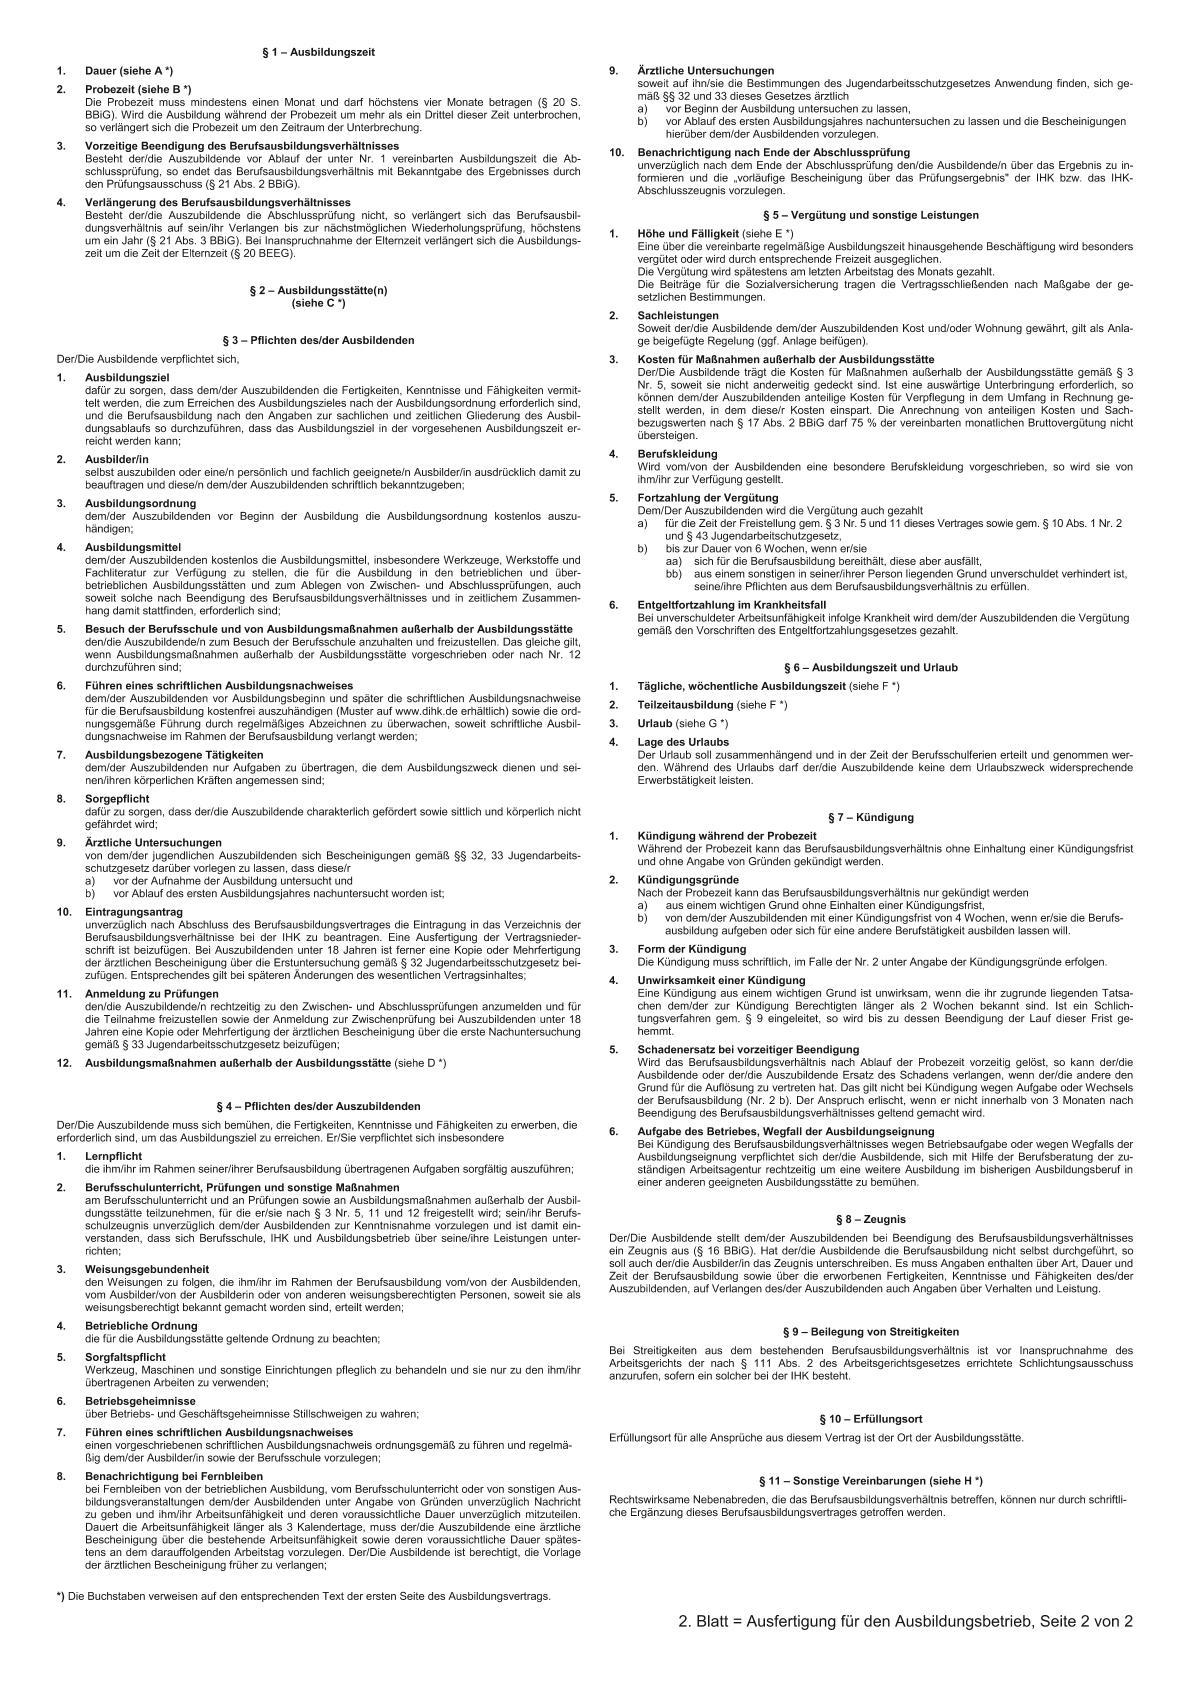 Ausbildungsvertrag Muster Fur Arbeitsvertrag Zum Download